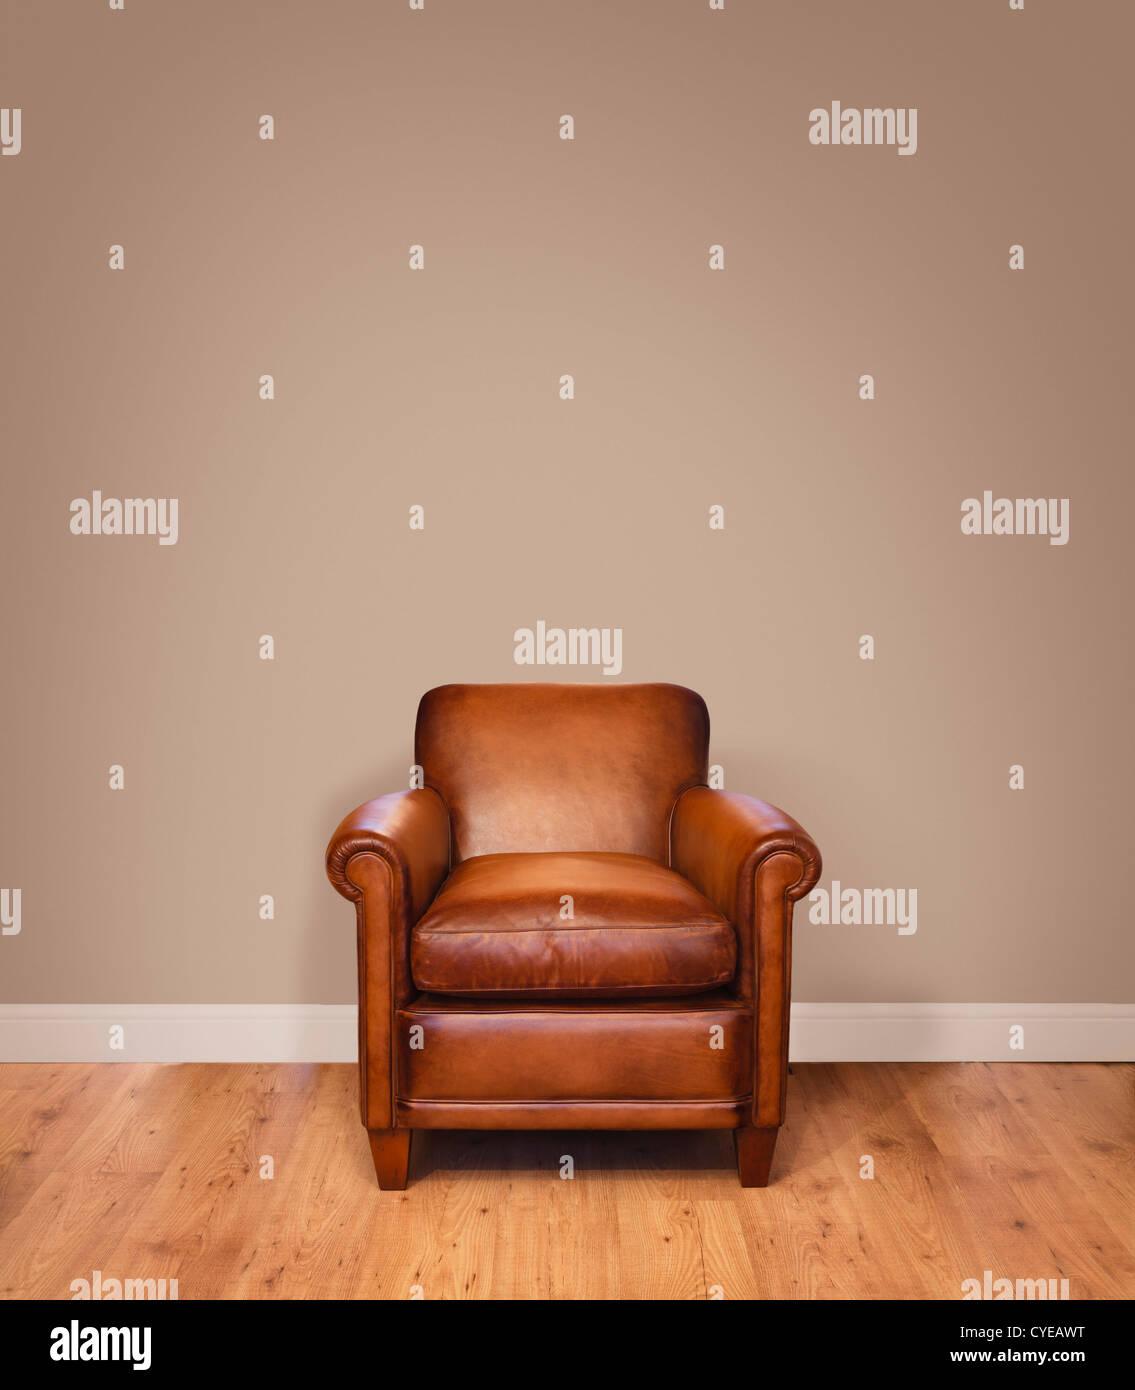 Sillones de cuero en un piso de madera contra un fondo liso pared con un montón de copyspace. El muro tiene Imagen De Stock